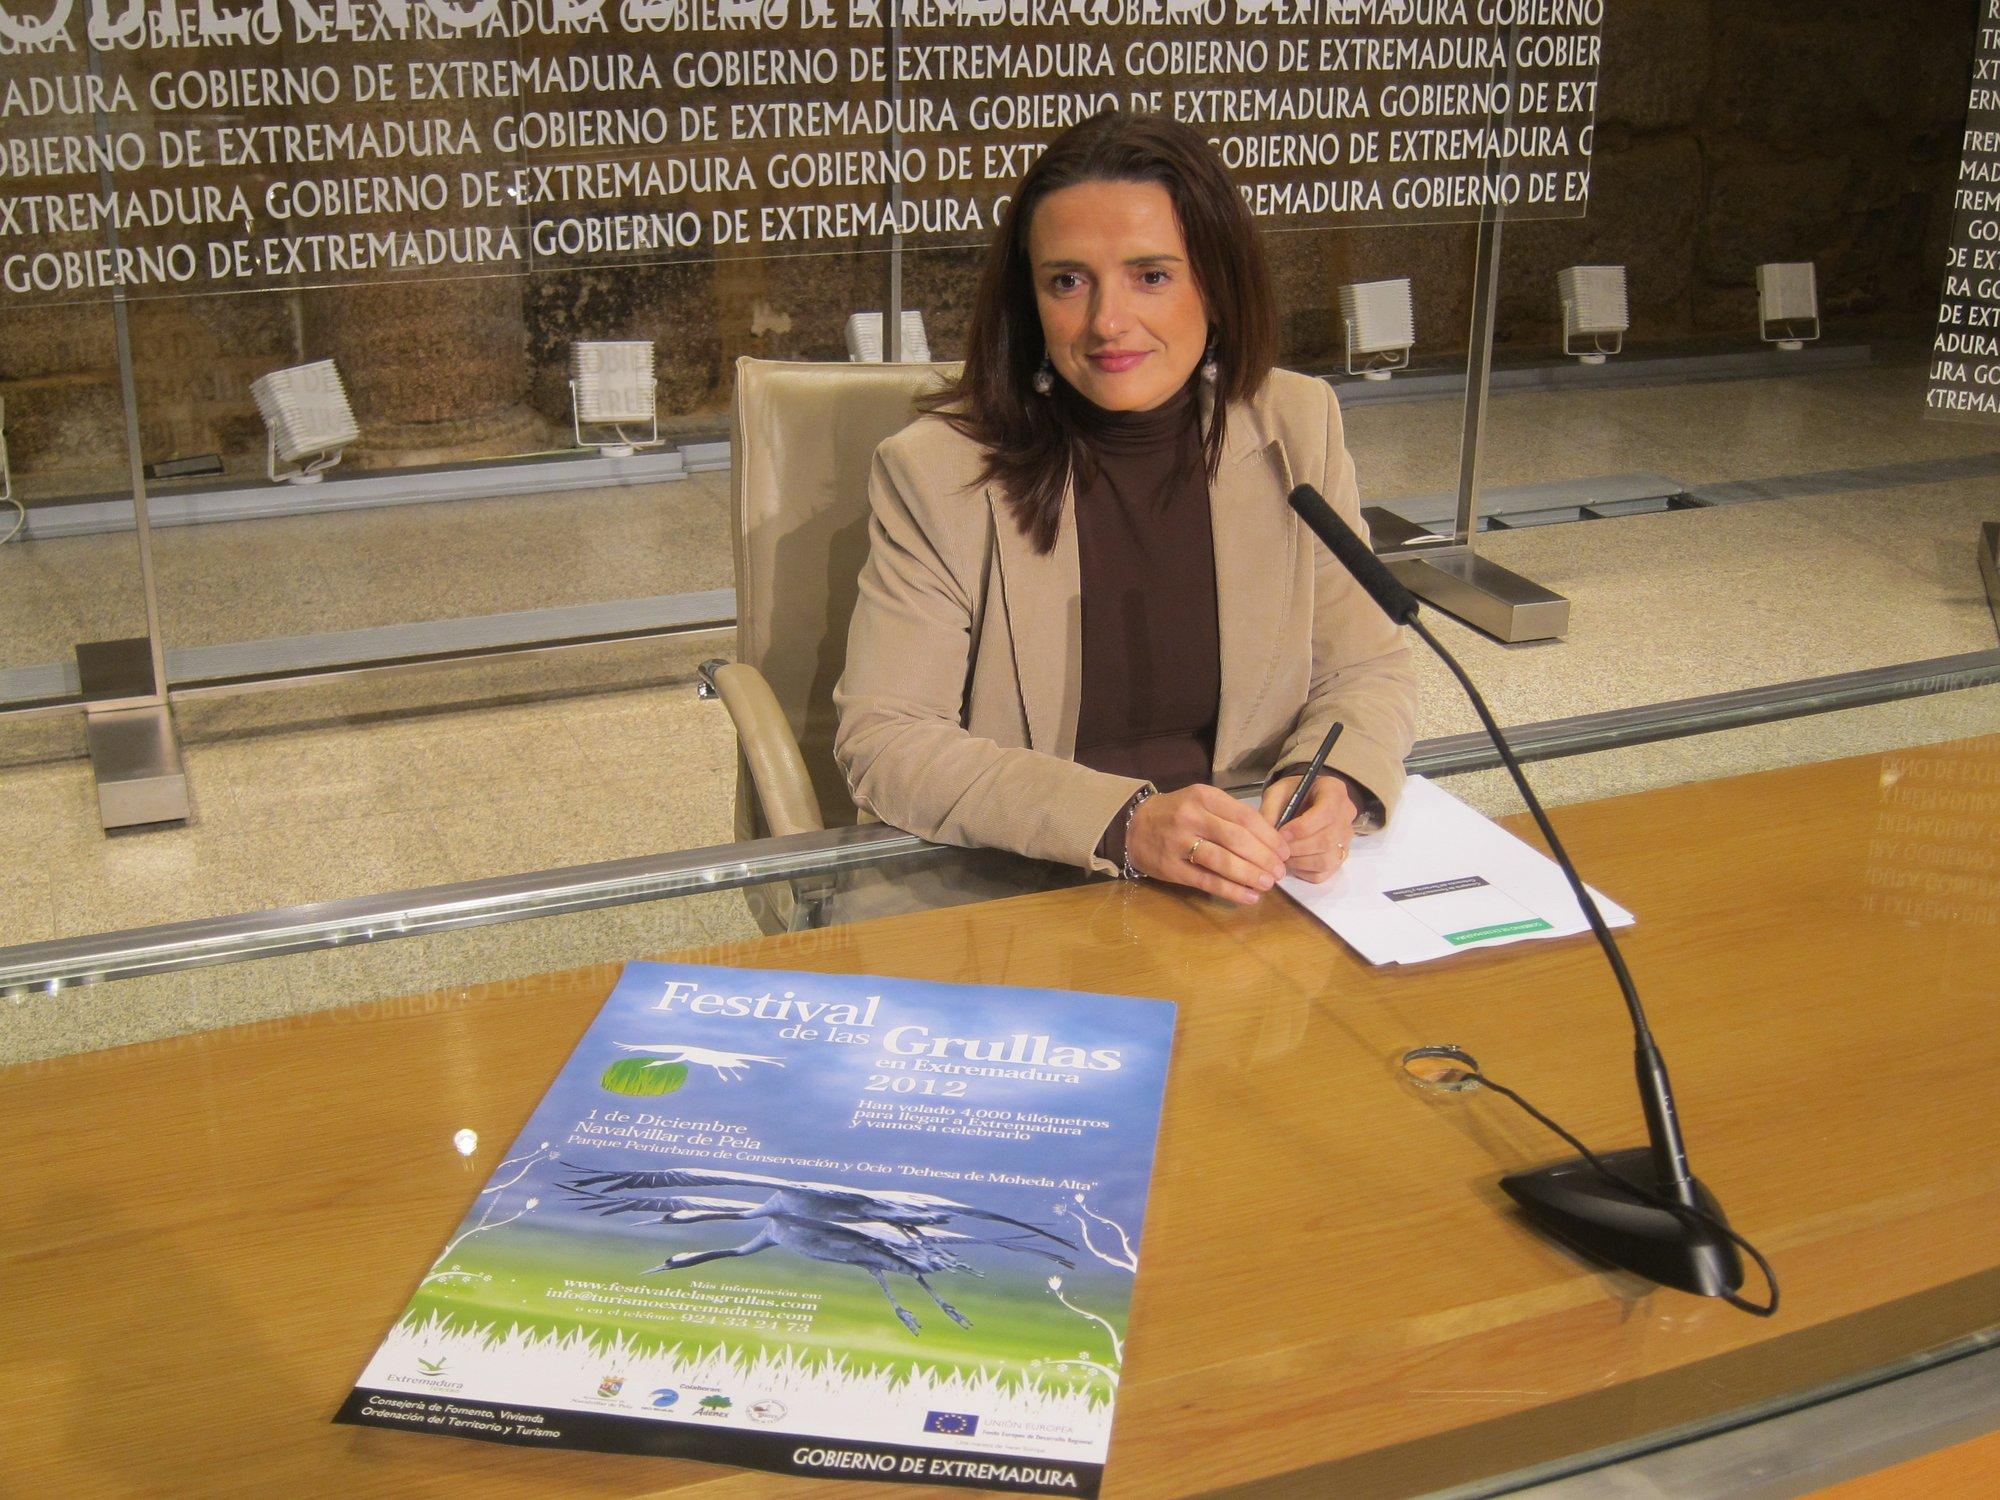 El Festival de las Grullas de Extremadura da la bienvenida a unos 80.000 ejemplares a la región